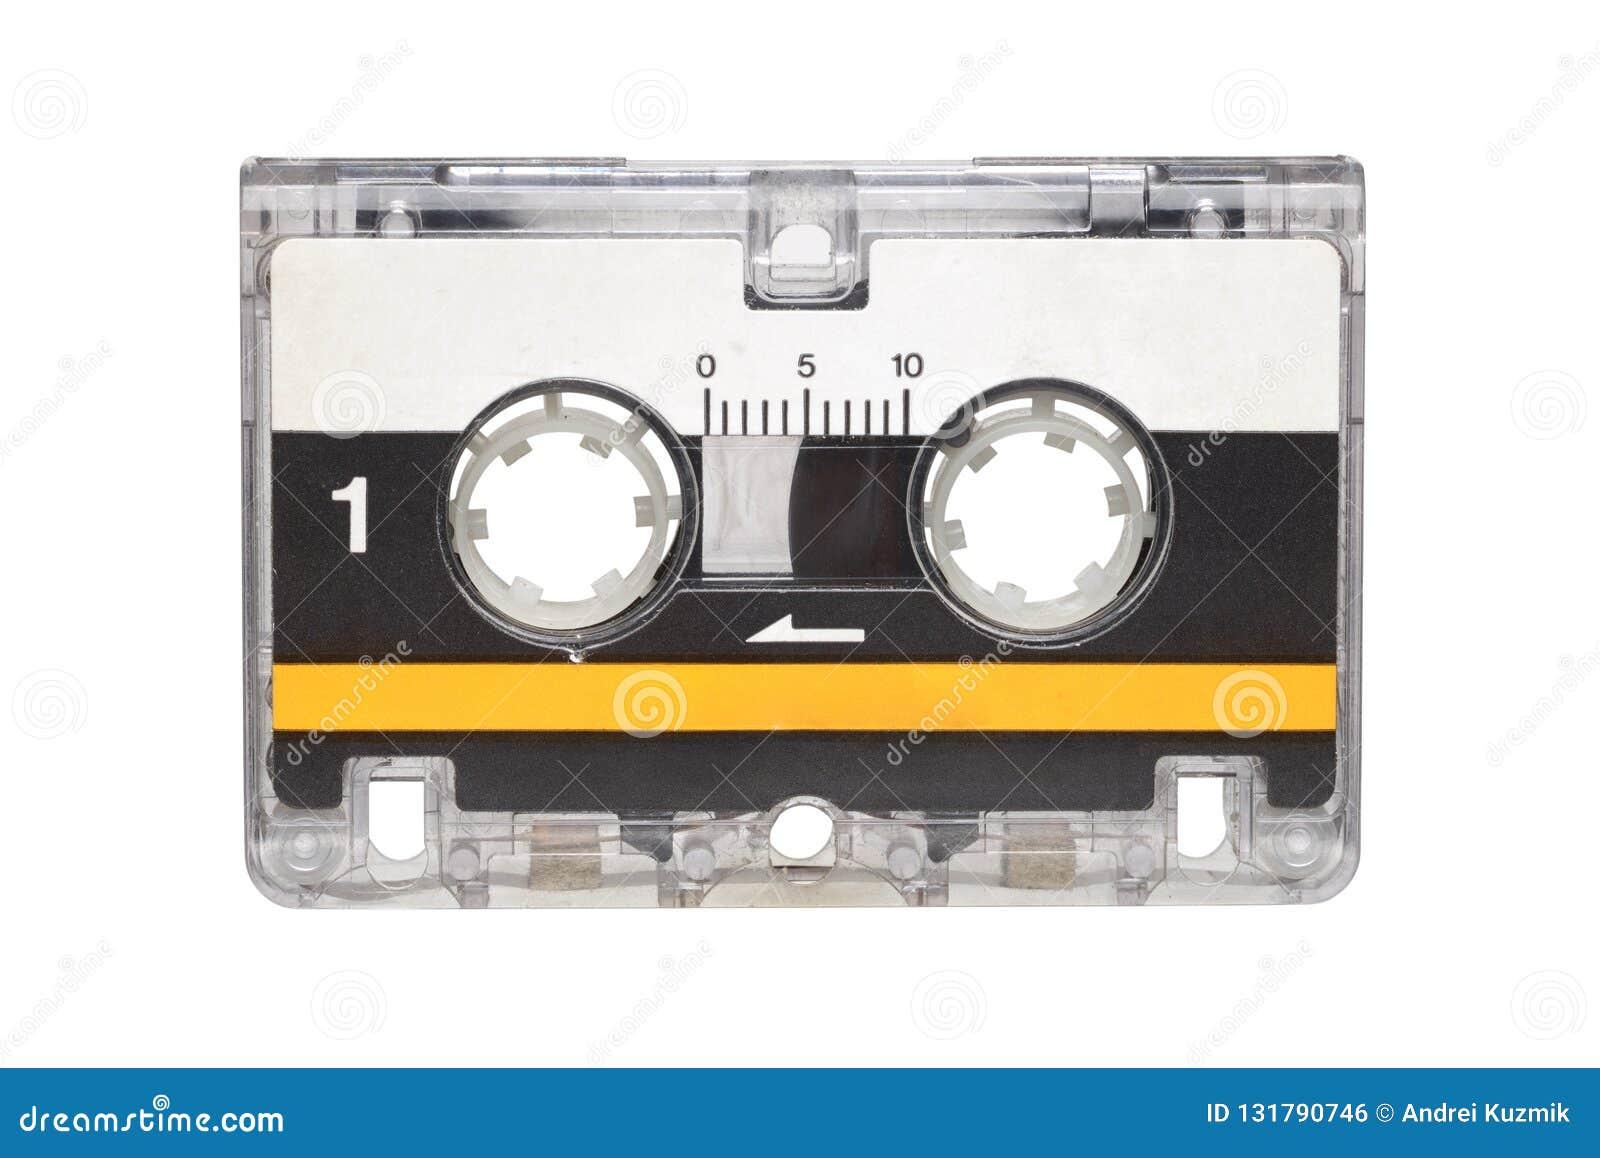 Microcassette isolado no fundo branco